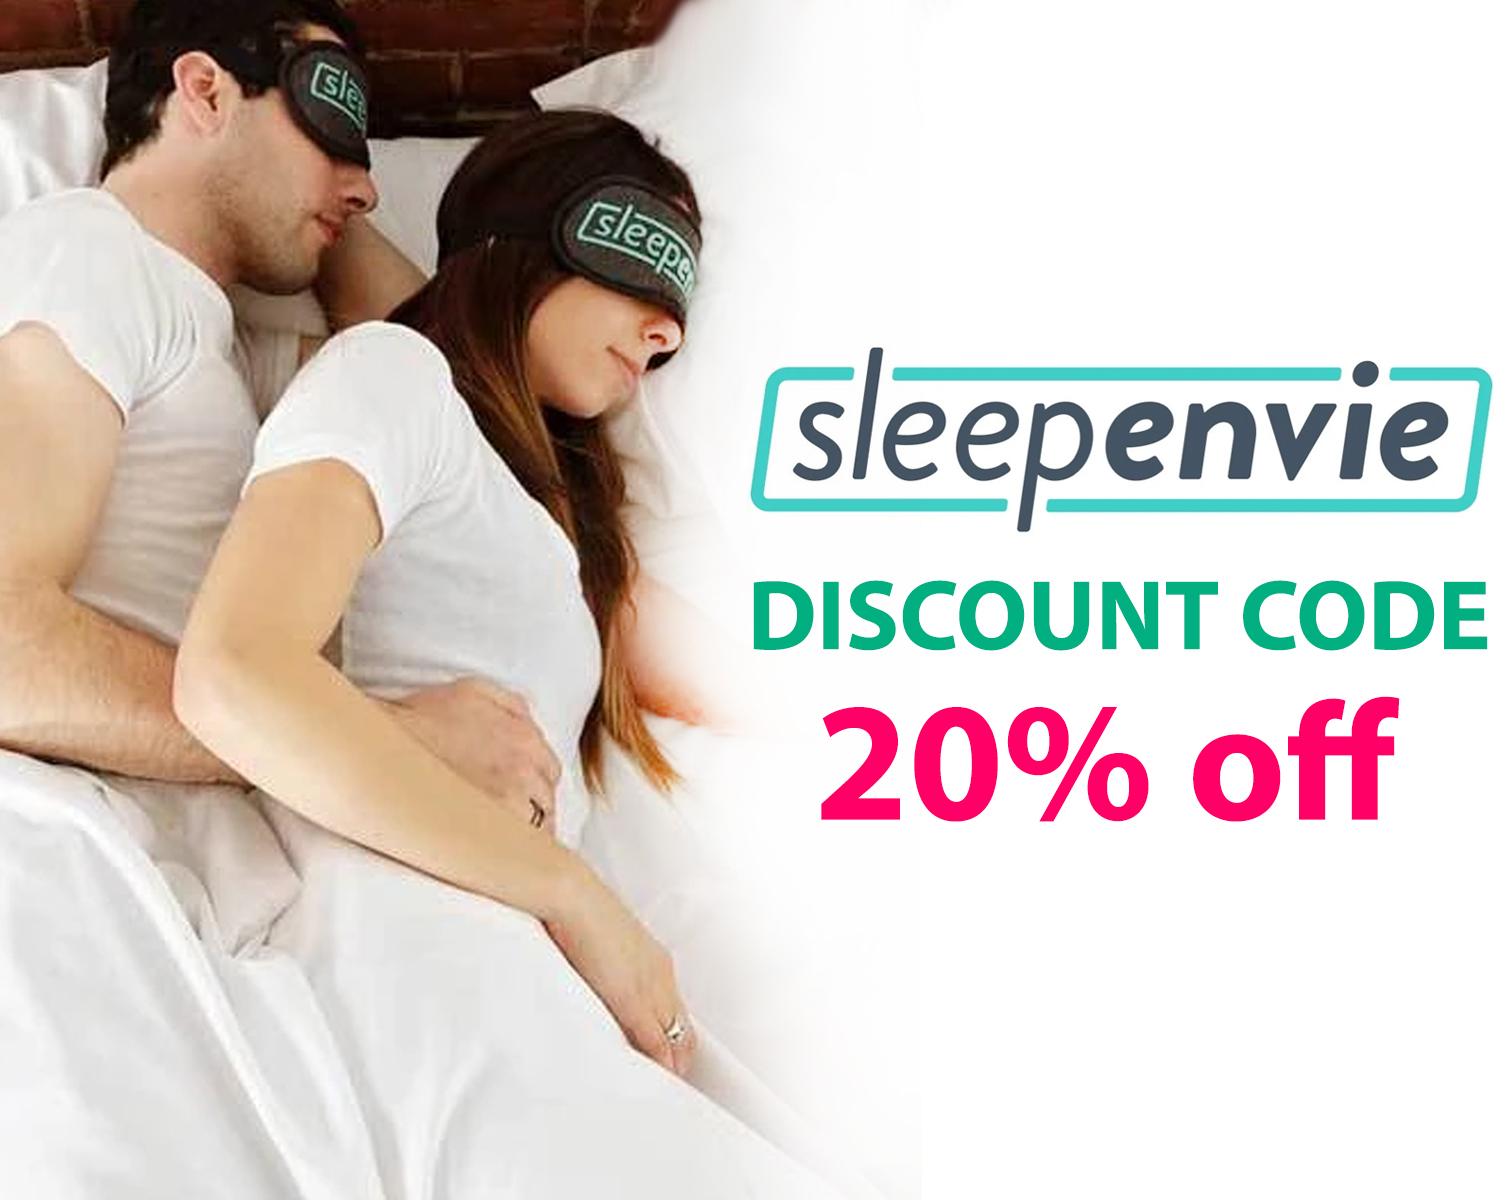 SleepEnvie Discount Code | Get 20% off